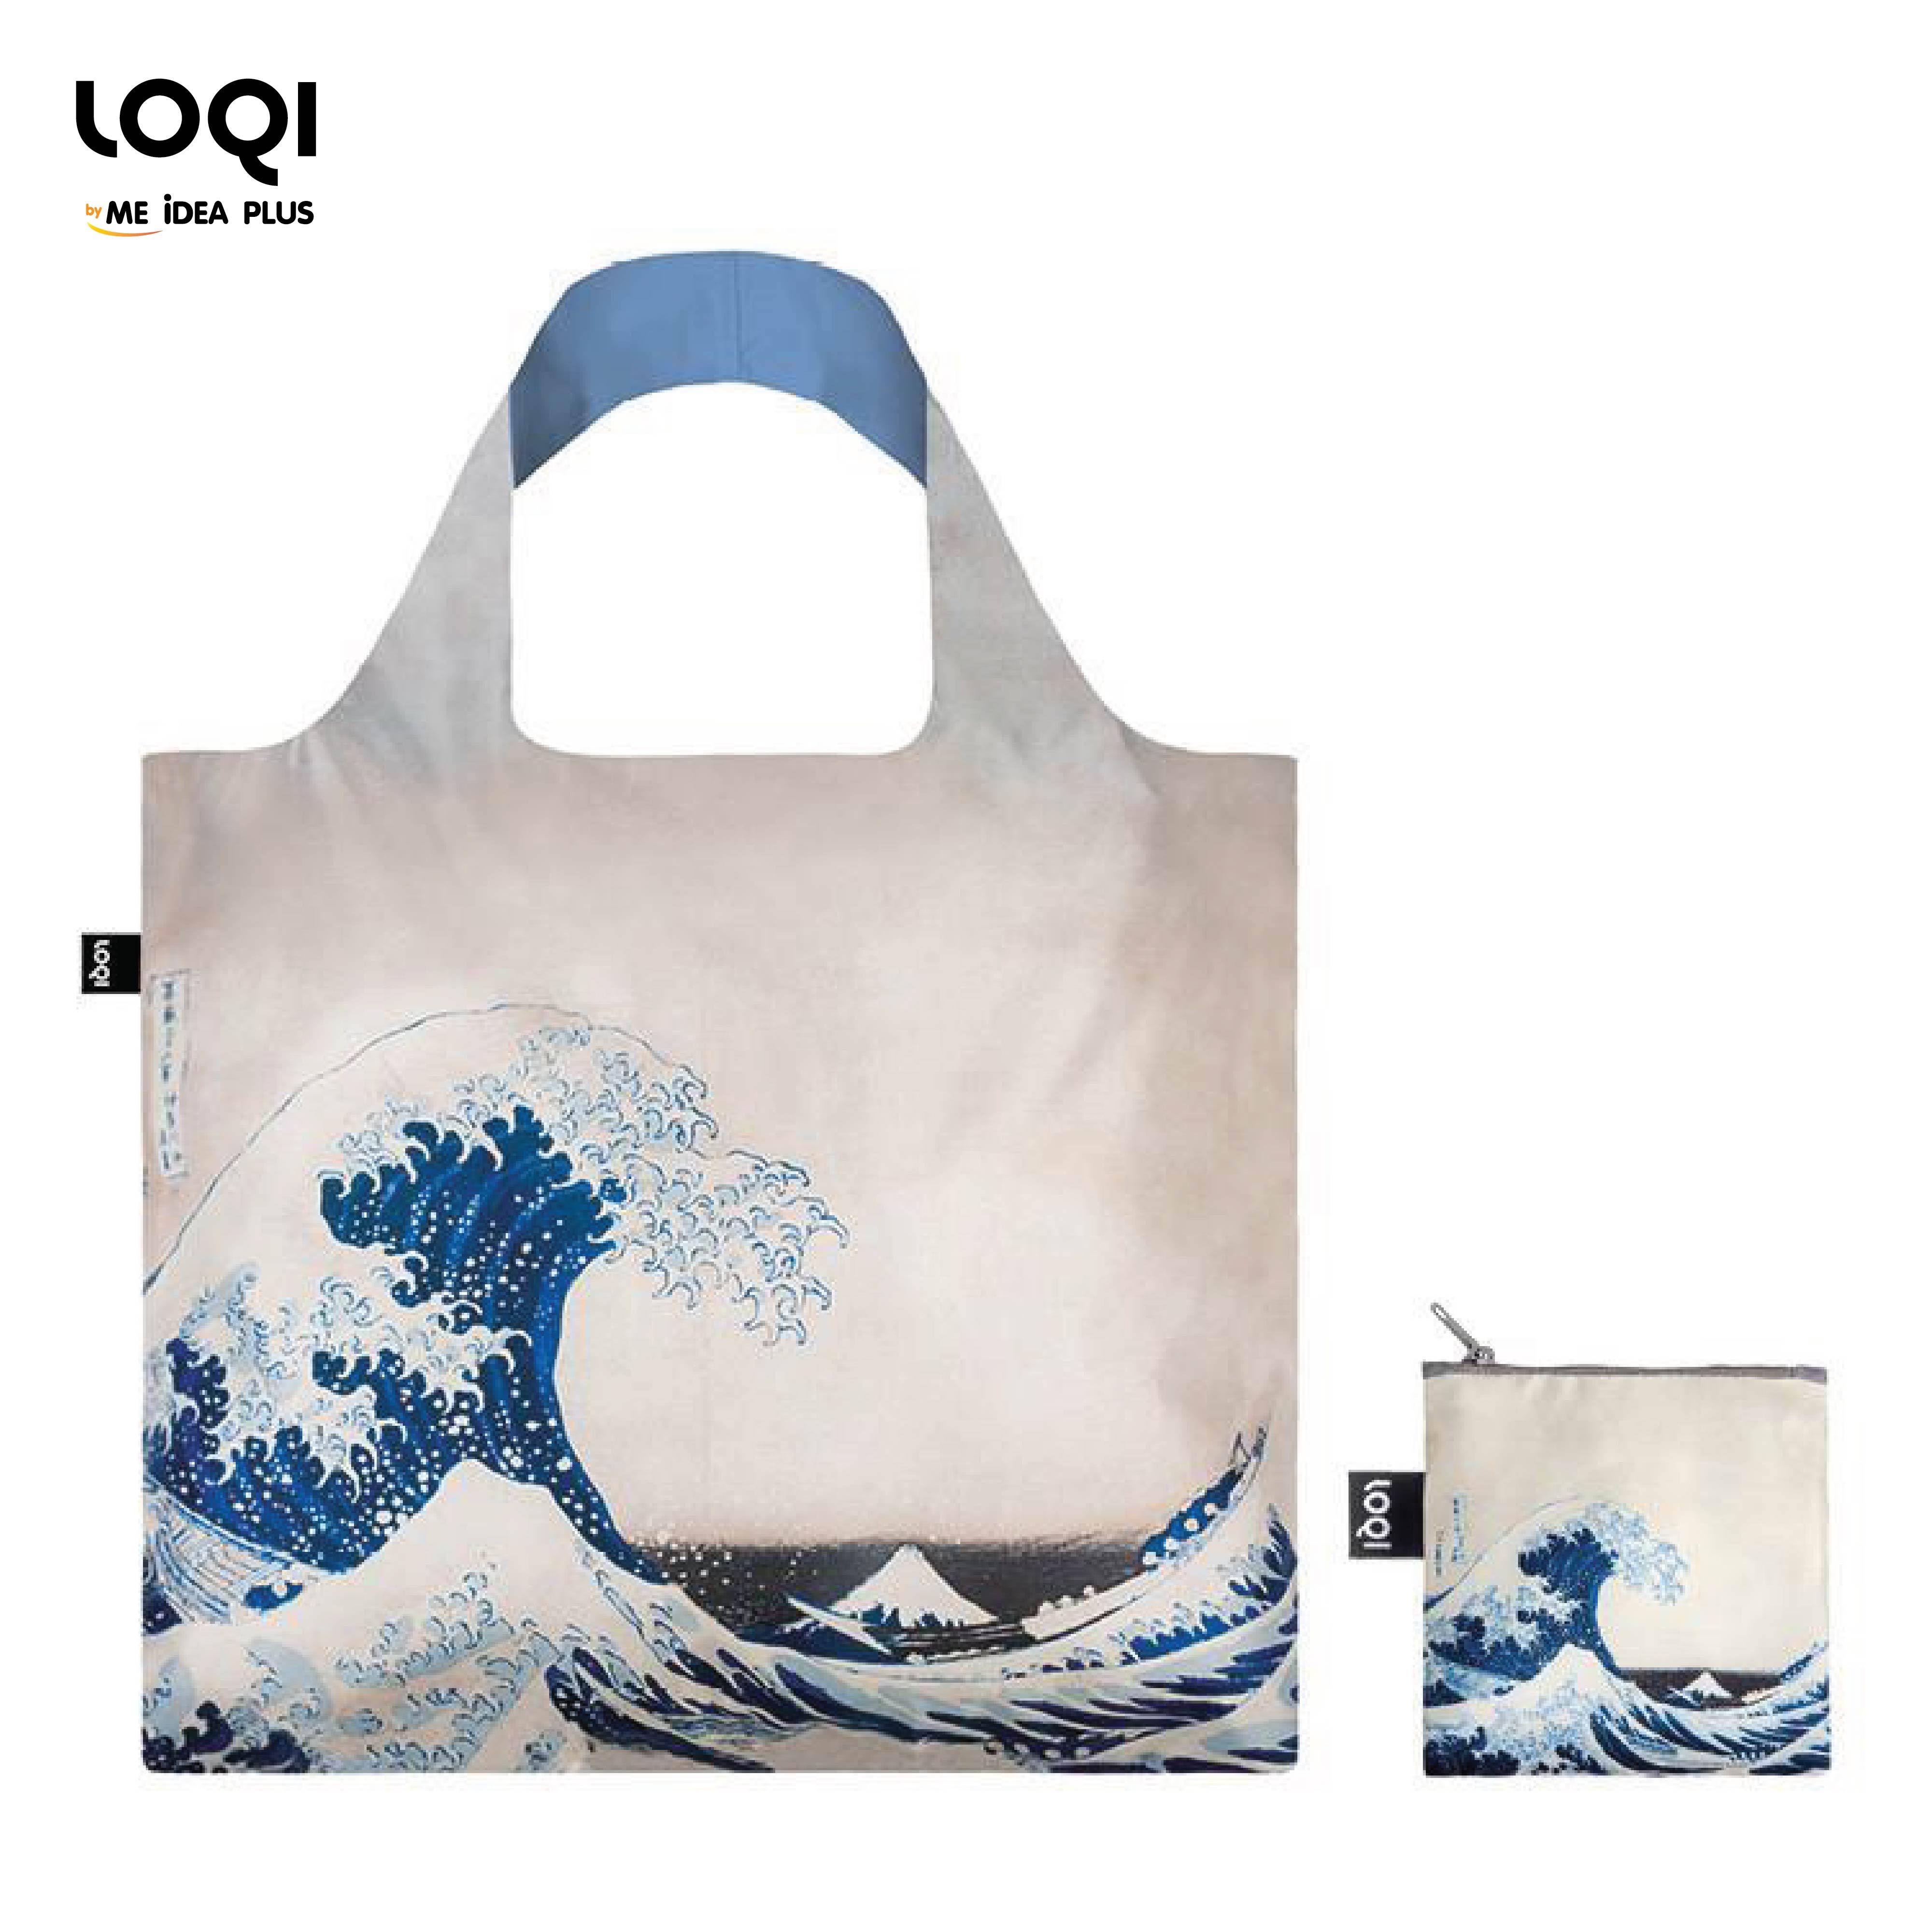 กระเป๋าผ้าแฟชั่นแบรนด์LOQI รุ่น HOKUSAI The Great Wave, 1831 Bag ใบใหญ่1ใบ+ใบเล็ก1ใบ